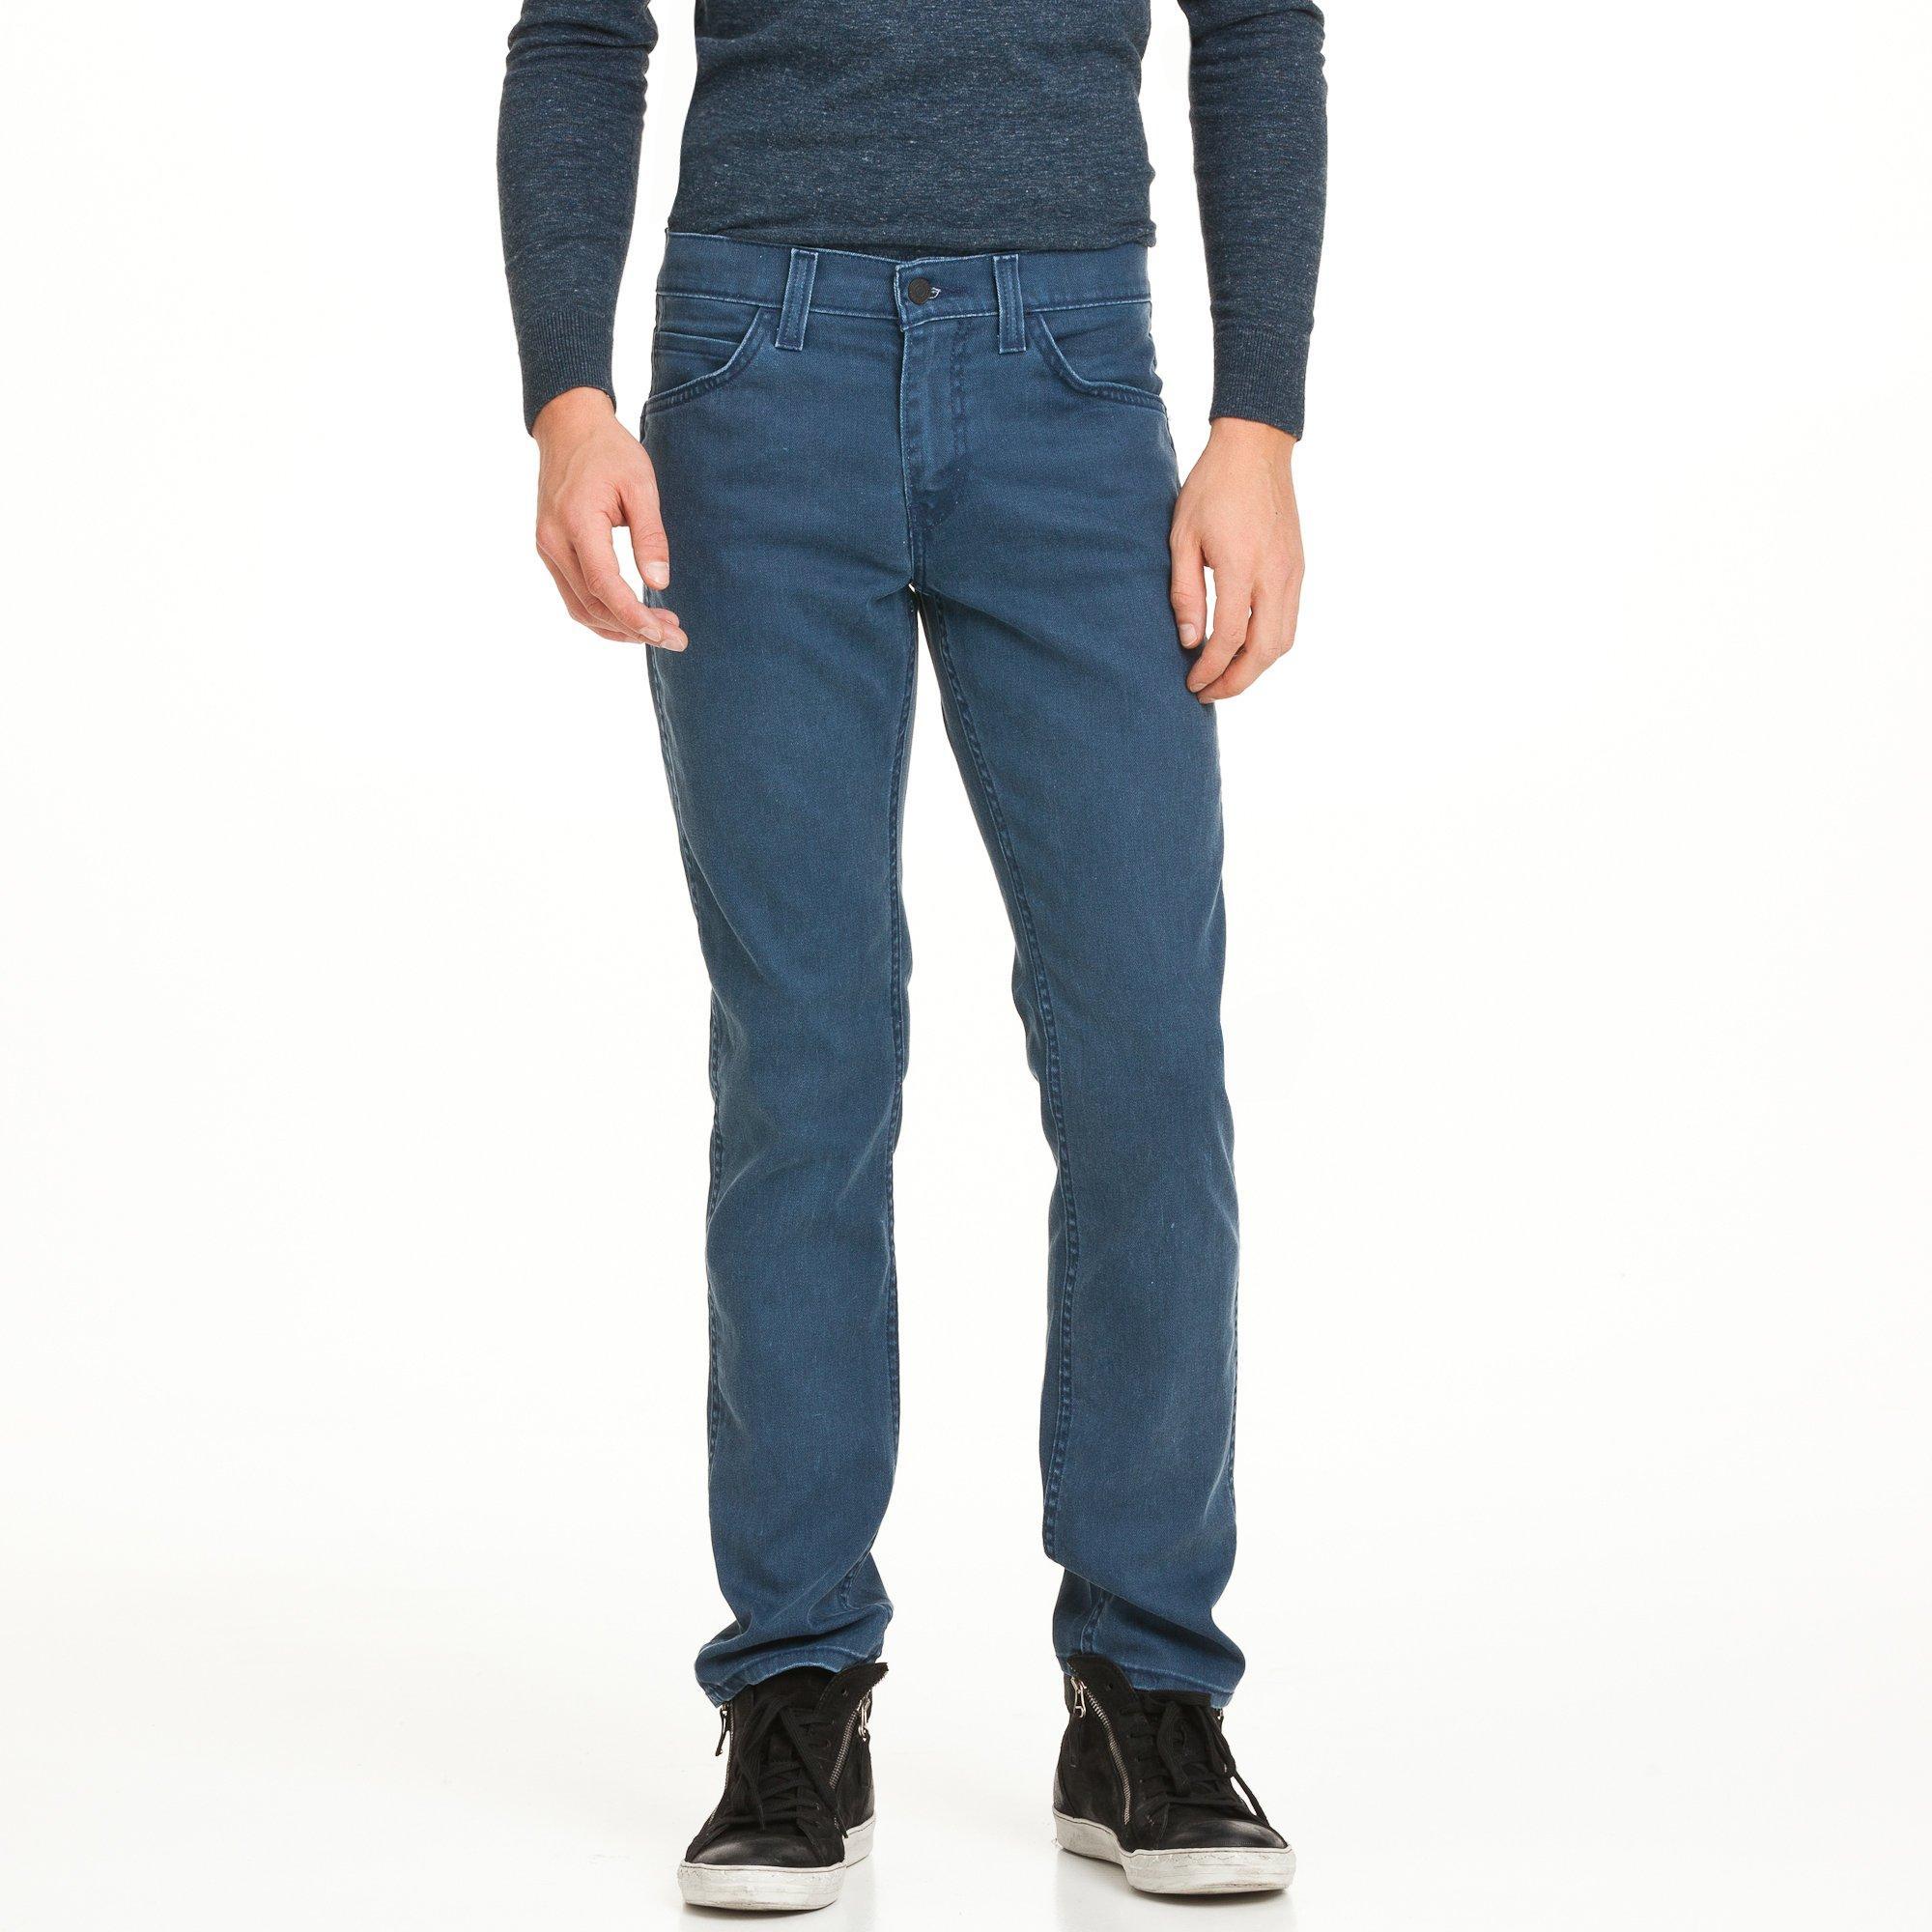 Promotion sur une sélection de jeans Levis 511 - Ex : Jean Levis 511 line 8